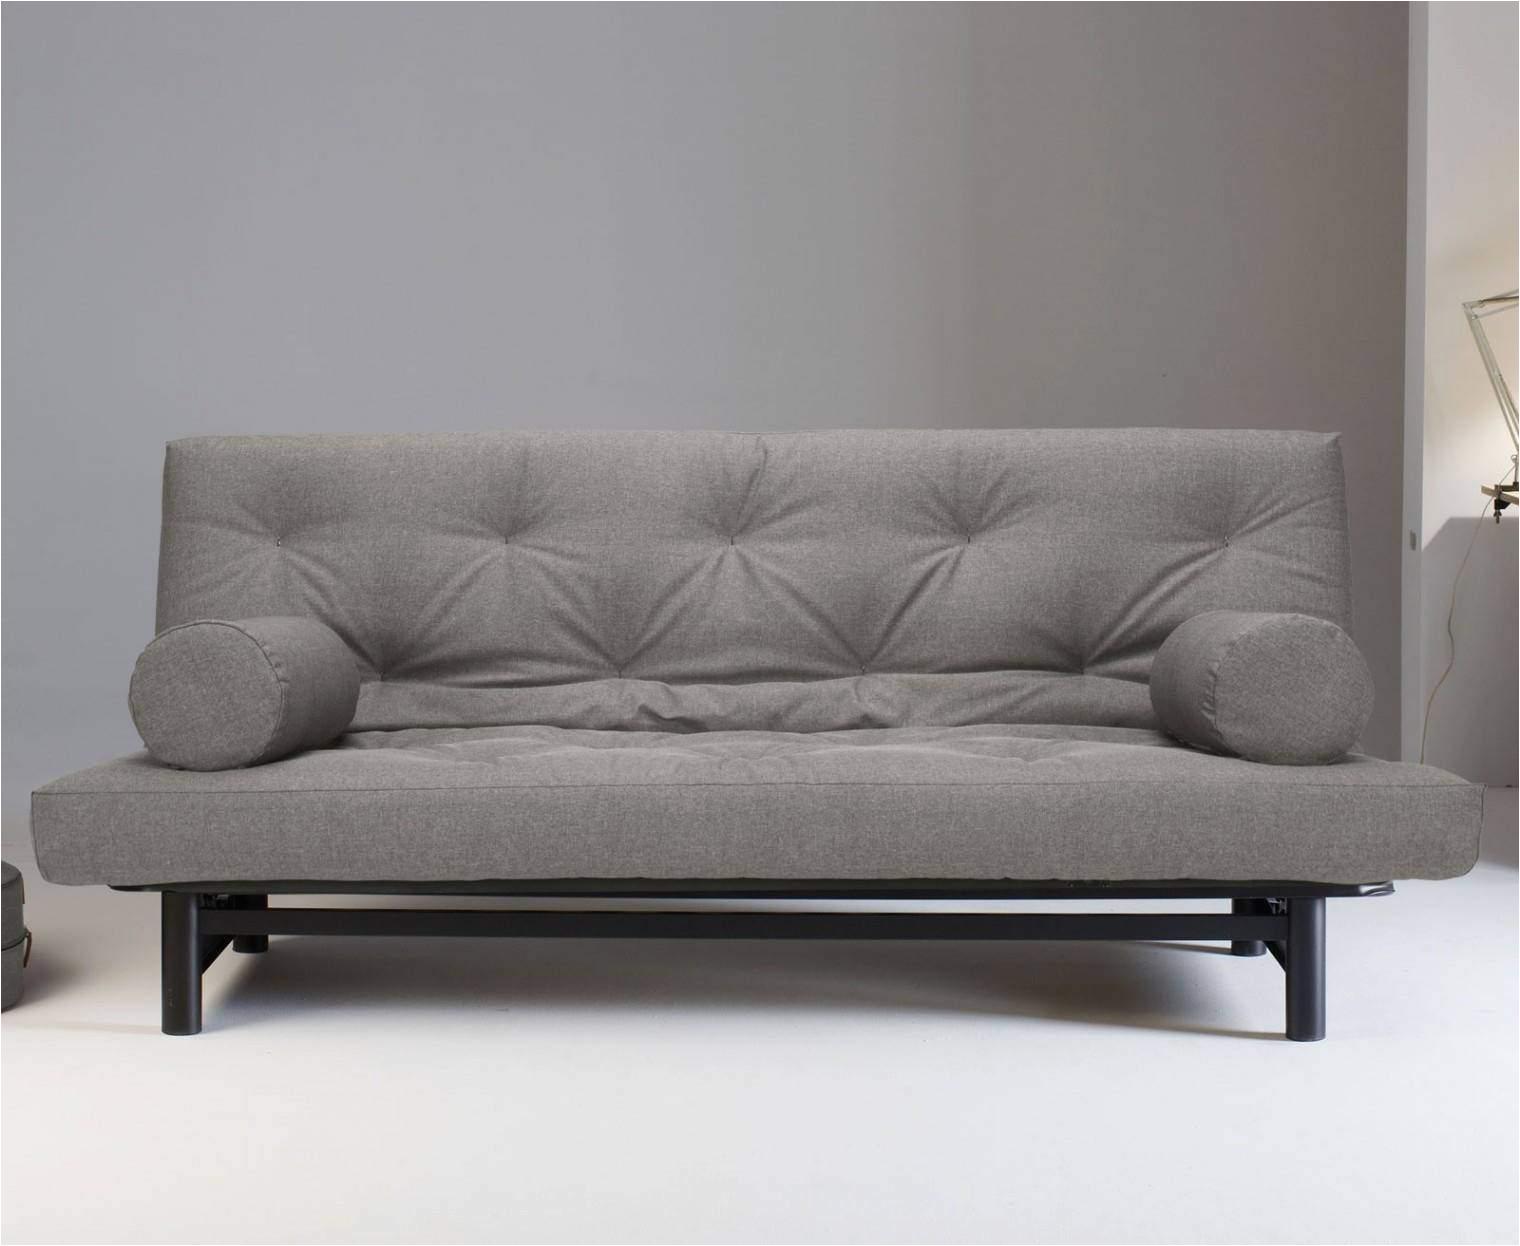 wohnzimmer gemutlich gestalten das beste von gemutliches wohnzimmer ideen inspirational cool schon couch of wohnzimmer gemutlich gestalten